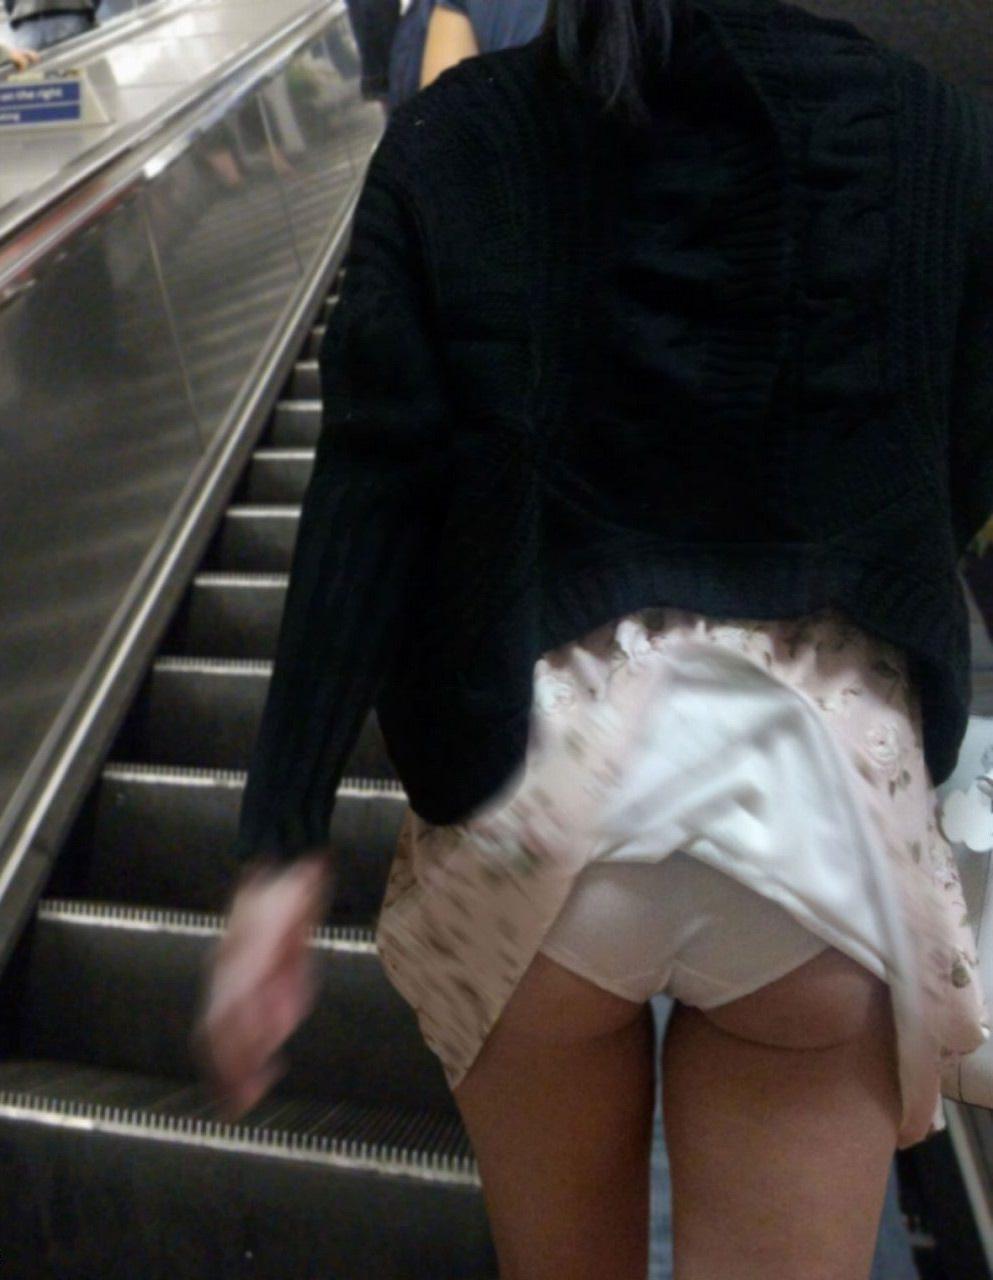 ミニスカ過ぎてお尻見えちゃってるぅーwwwお姉さんの街撮りパンチラ画像!!!! 0325